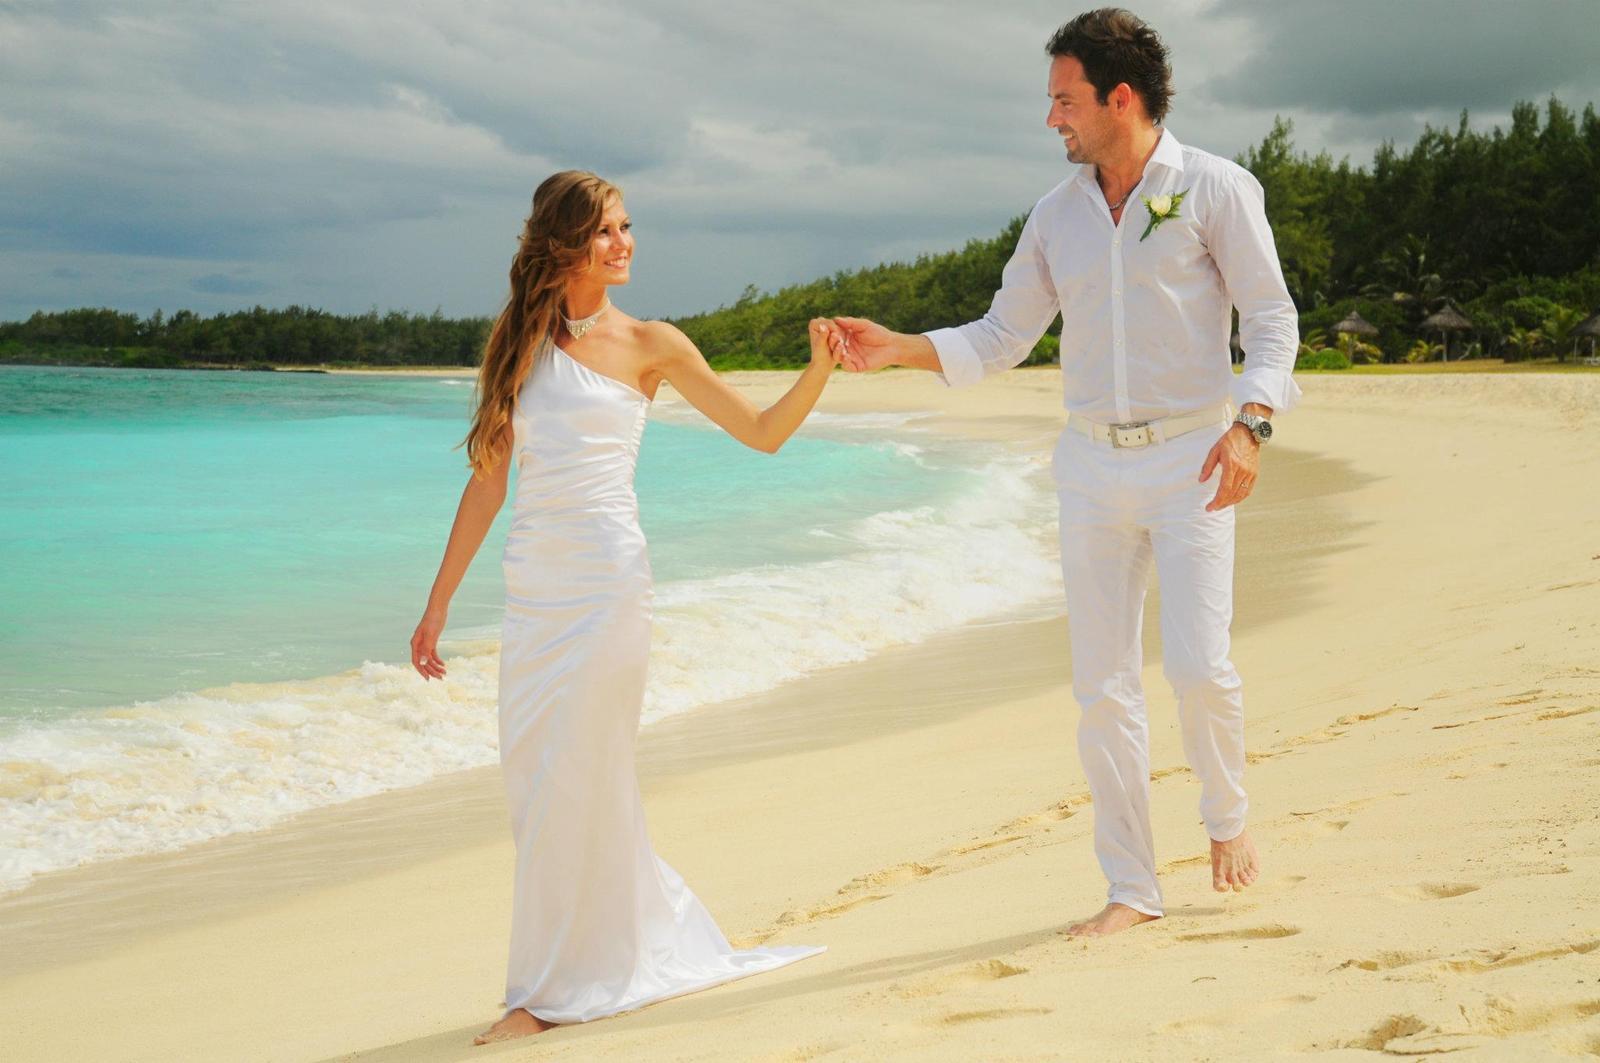 Najkrajšie svadobné fotografie 💑 - Obrázok č. 102